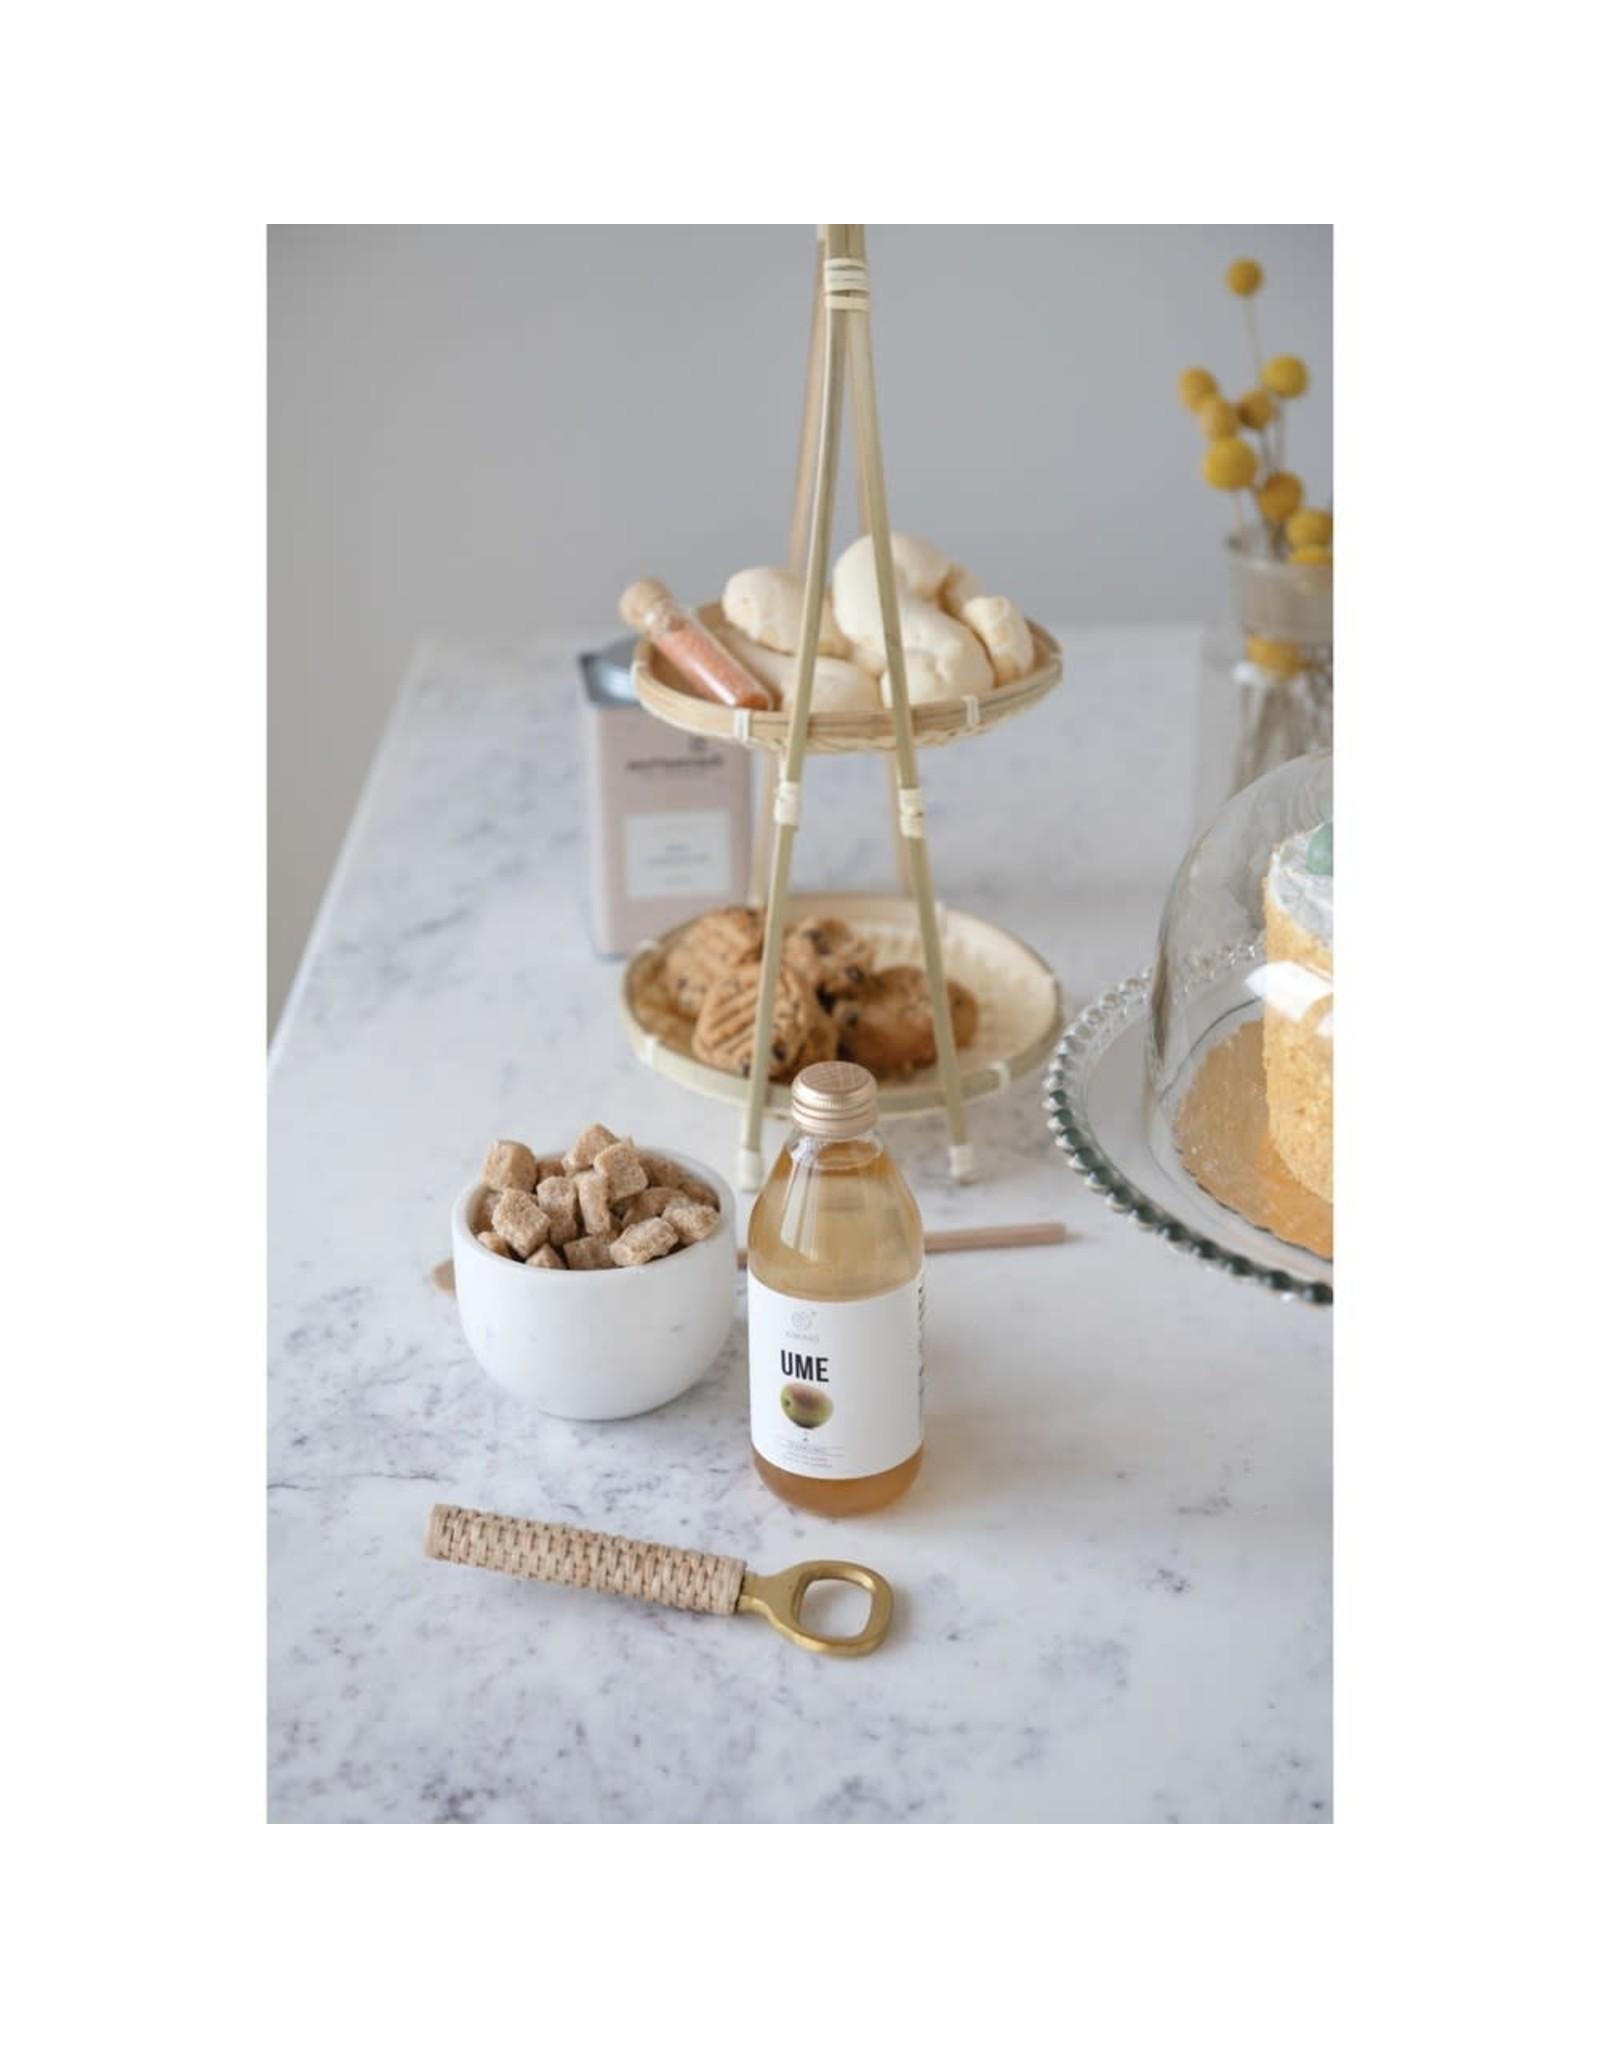 Oak + Arrow Interiors Brass & Wood Bottle Opener